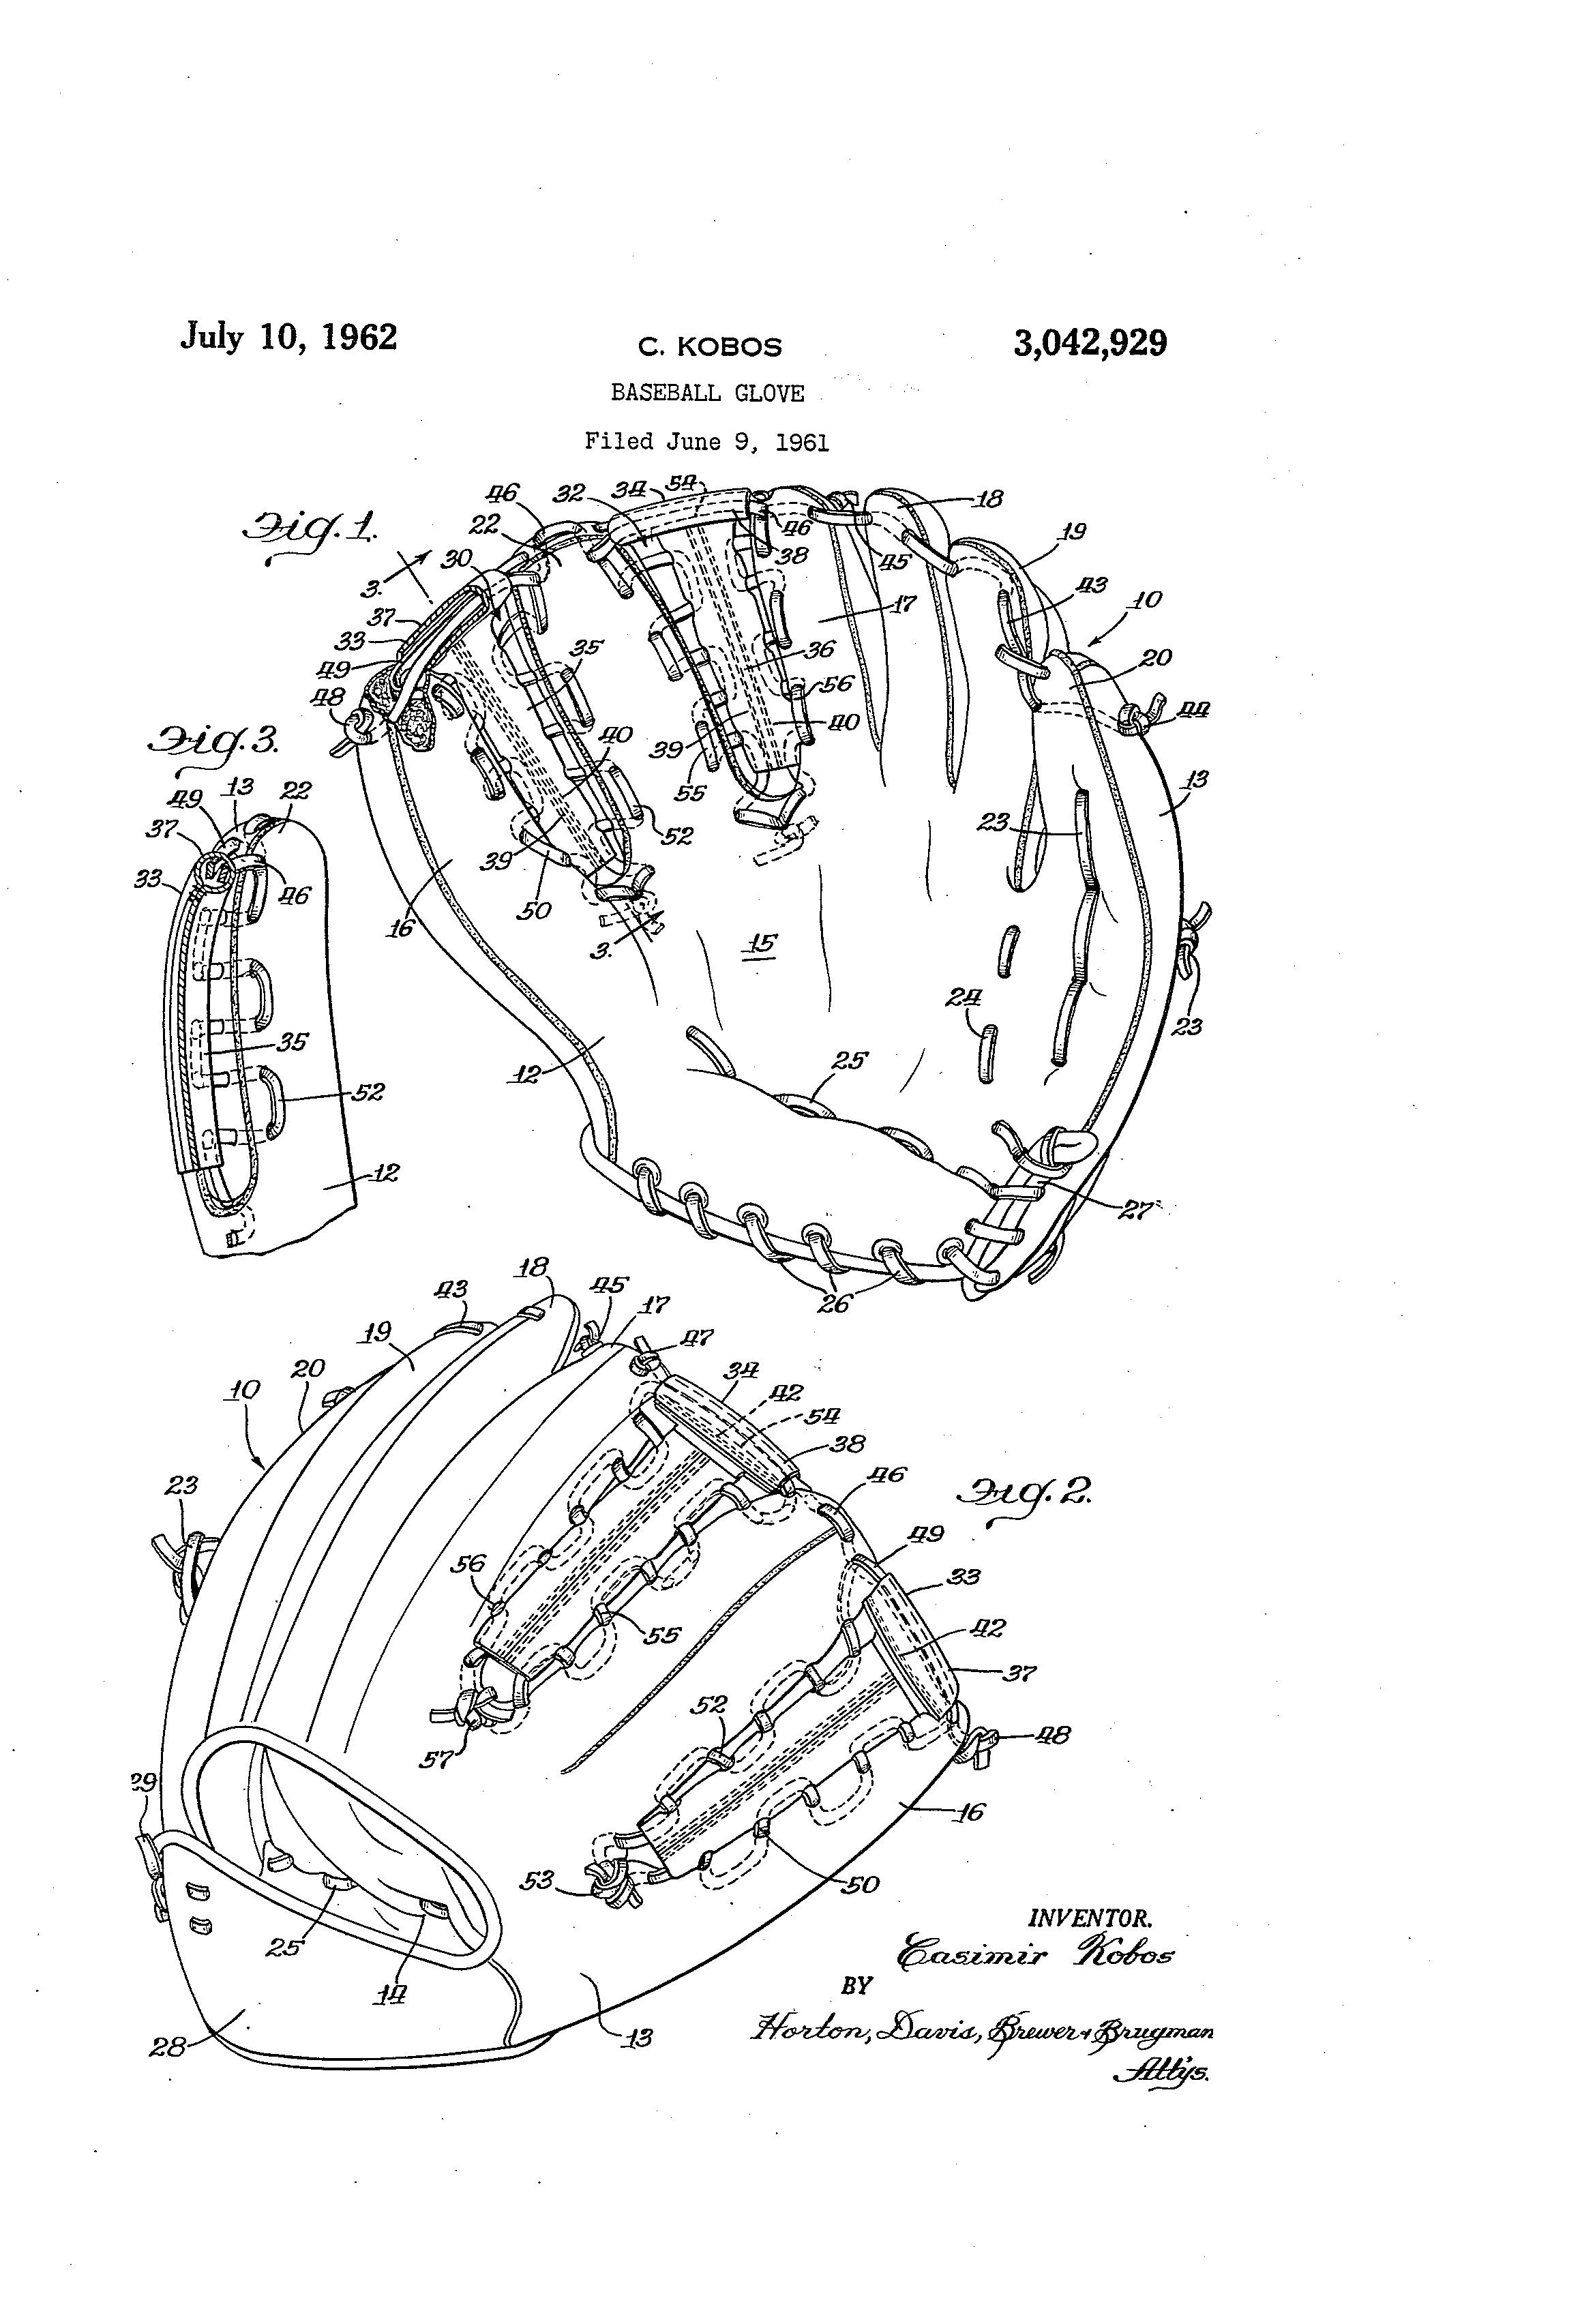 patent us3042929 - baseball glove